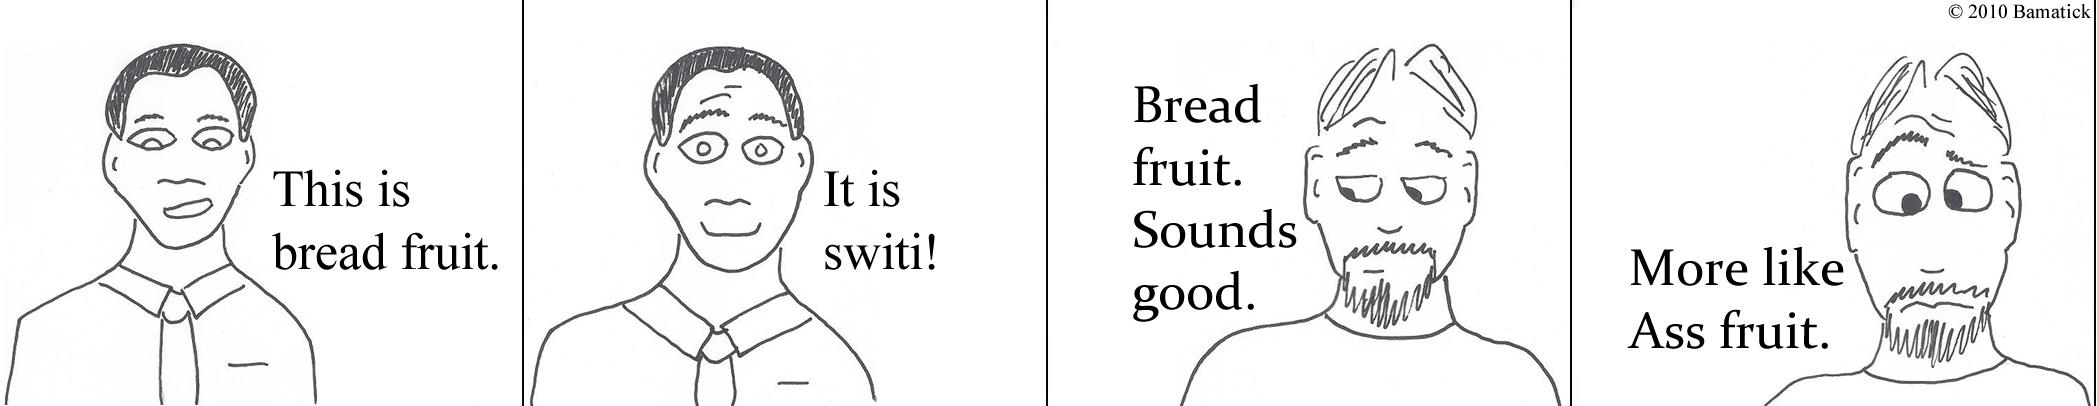 Ass Fruit